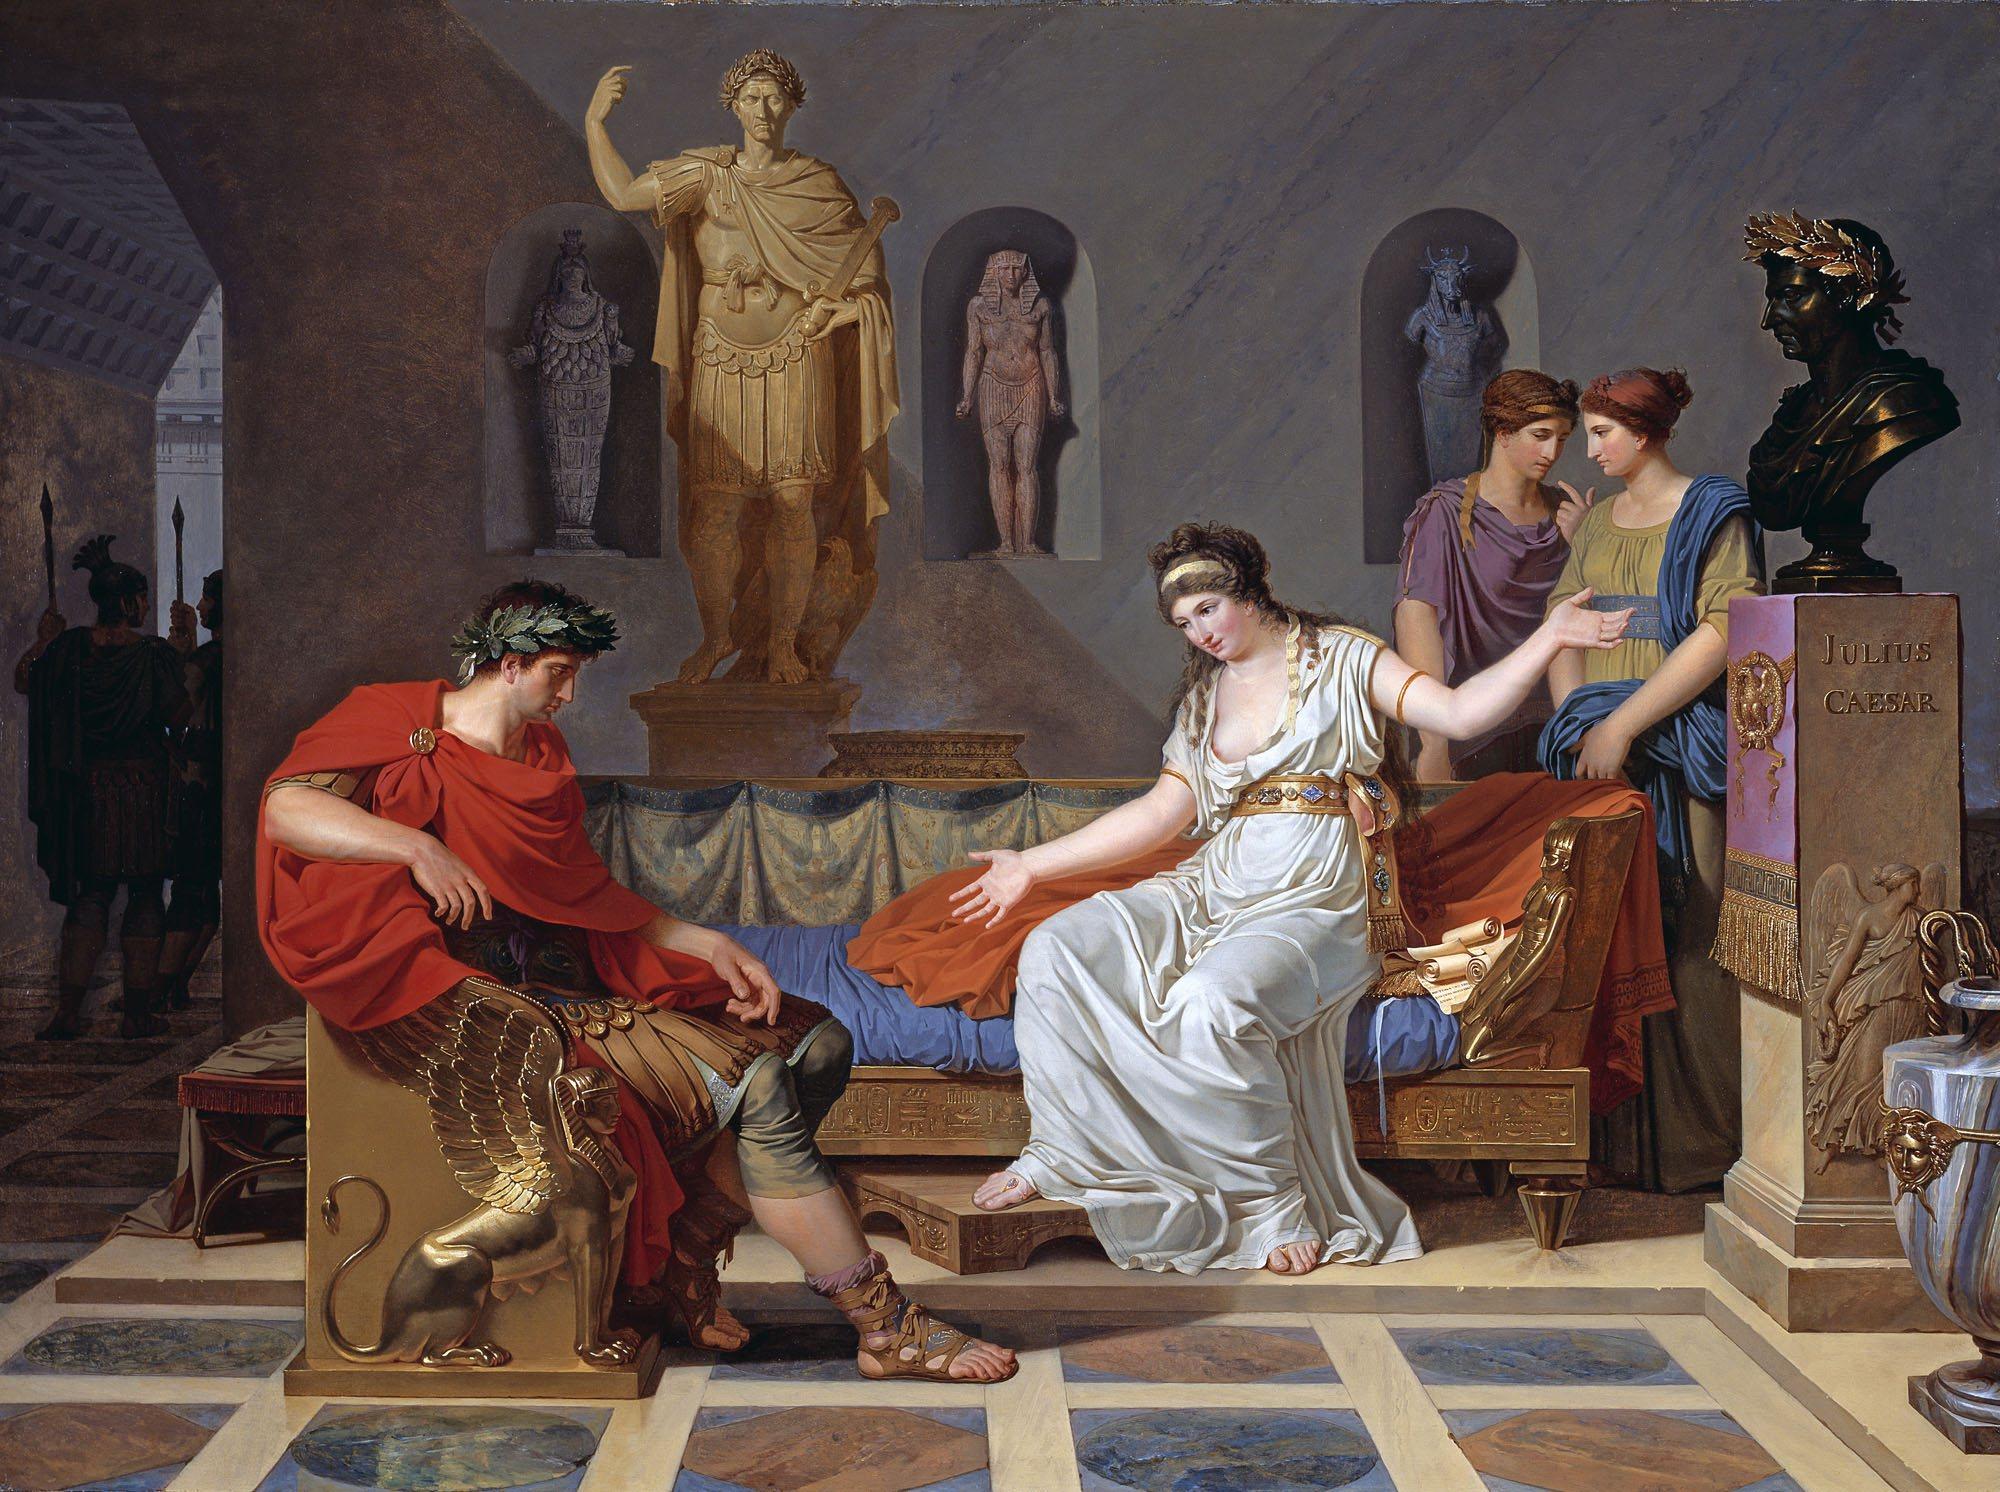 Cleopatra-14